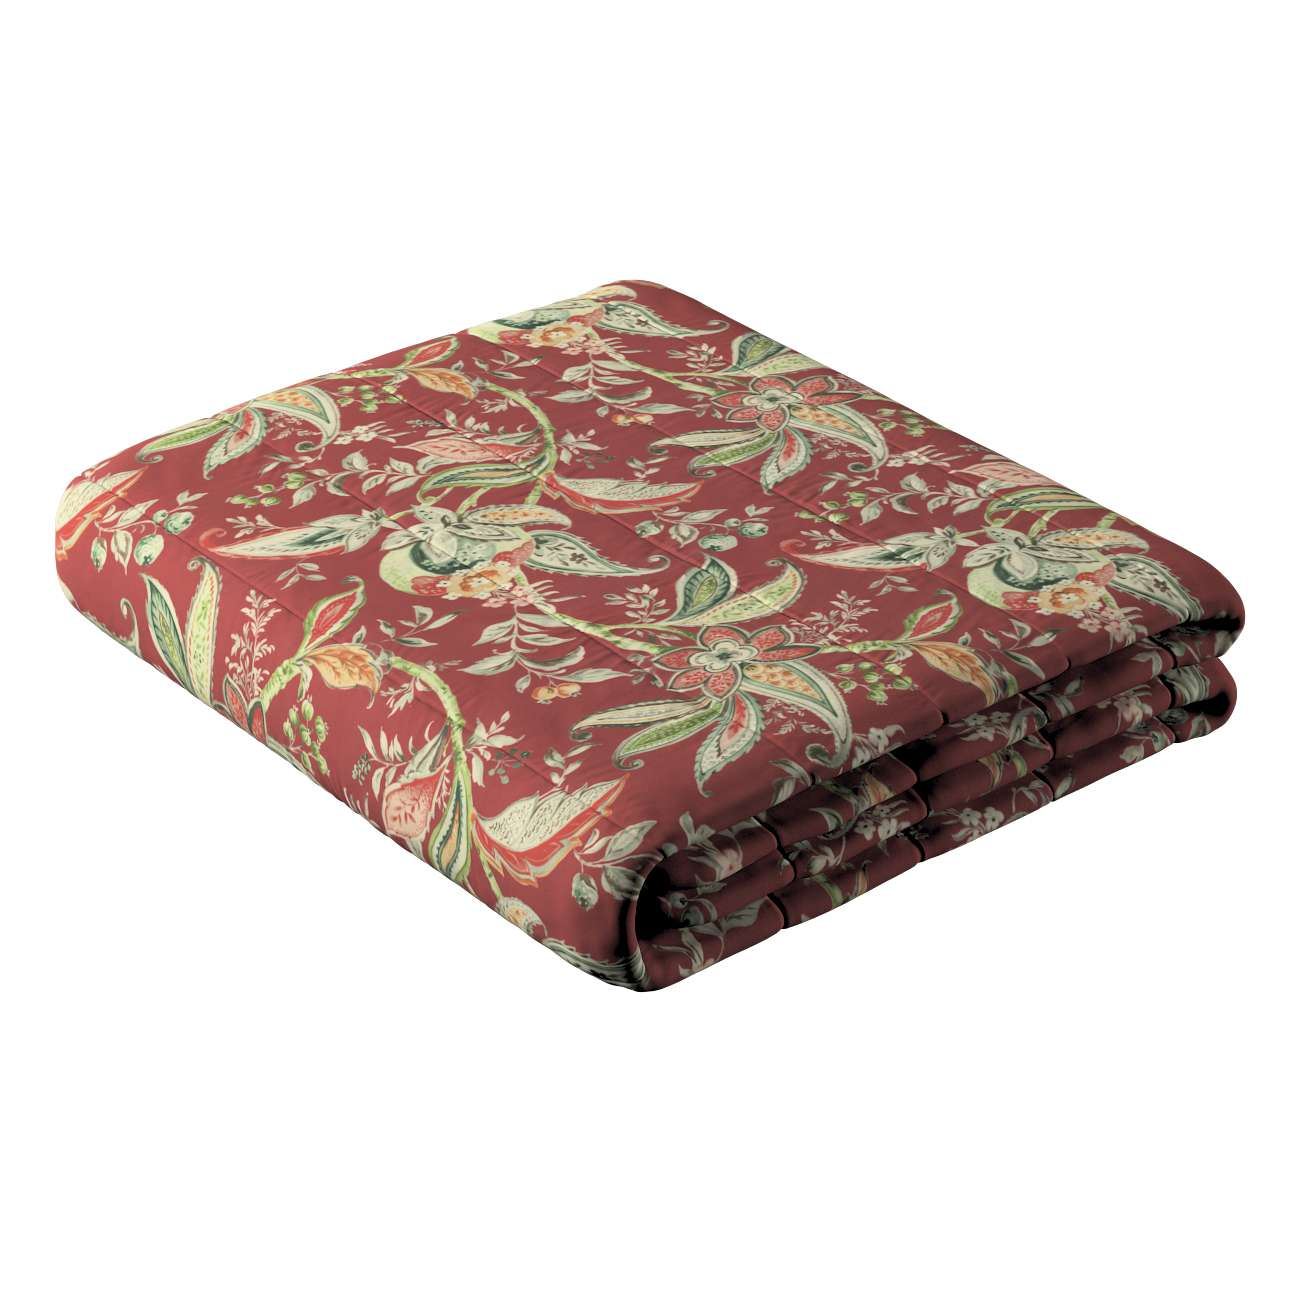 Narzuta pikowana w pasy w kolekcji Gardenia, tkanina: 142-12